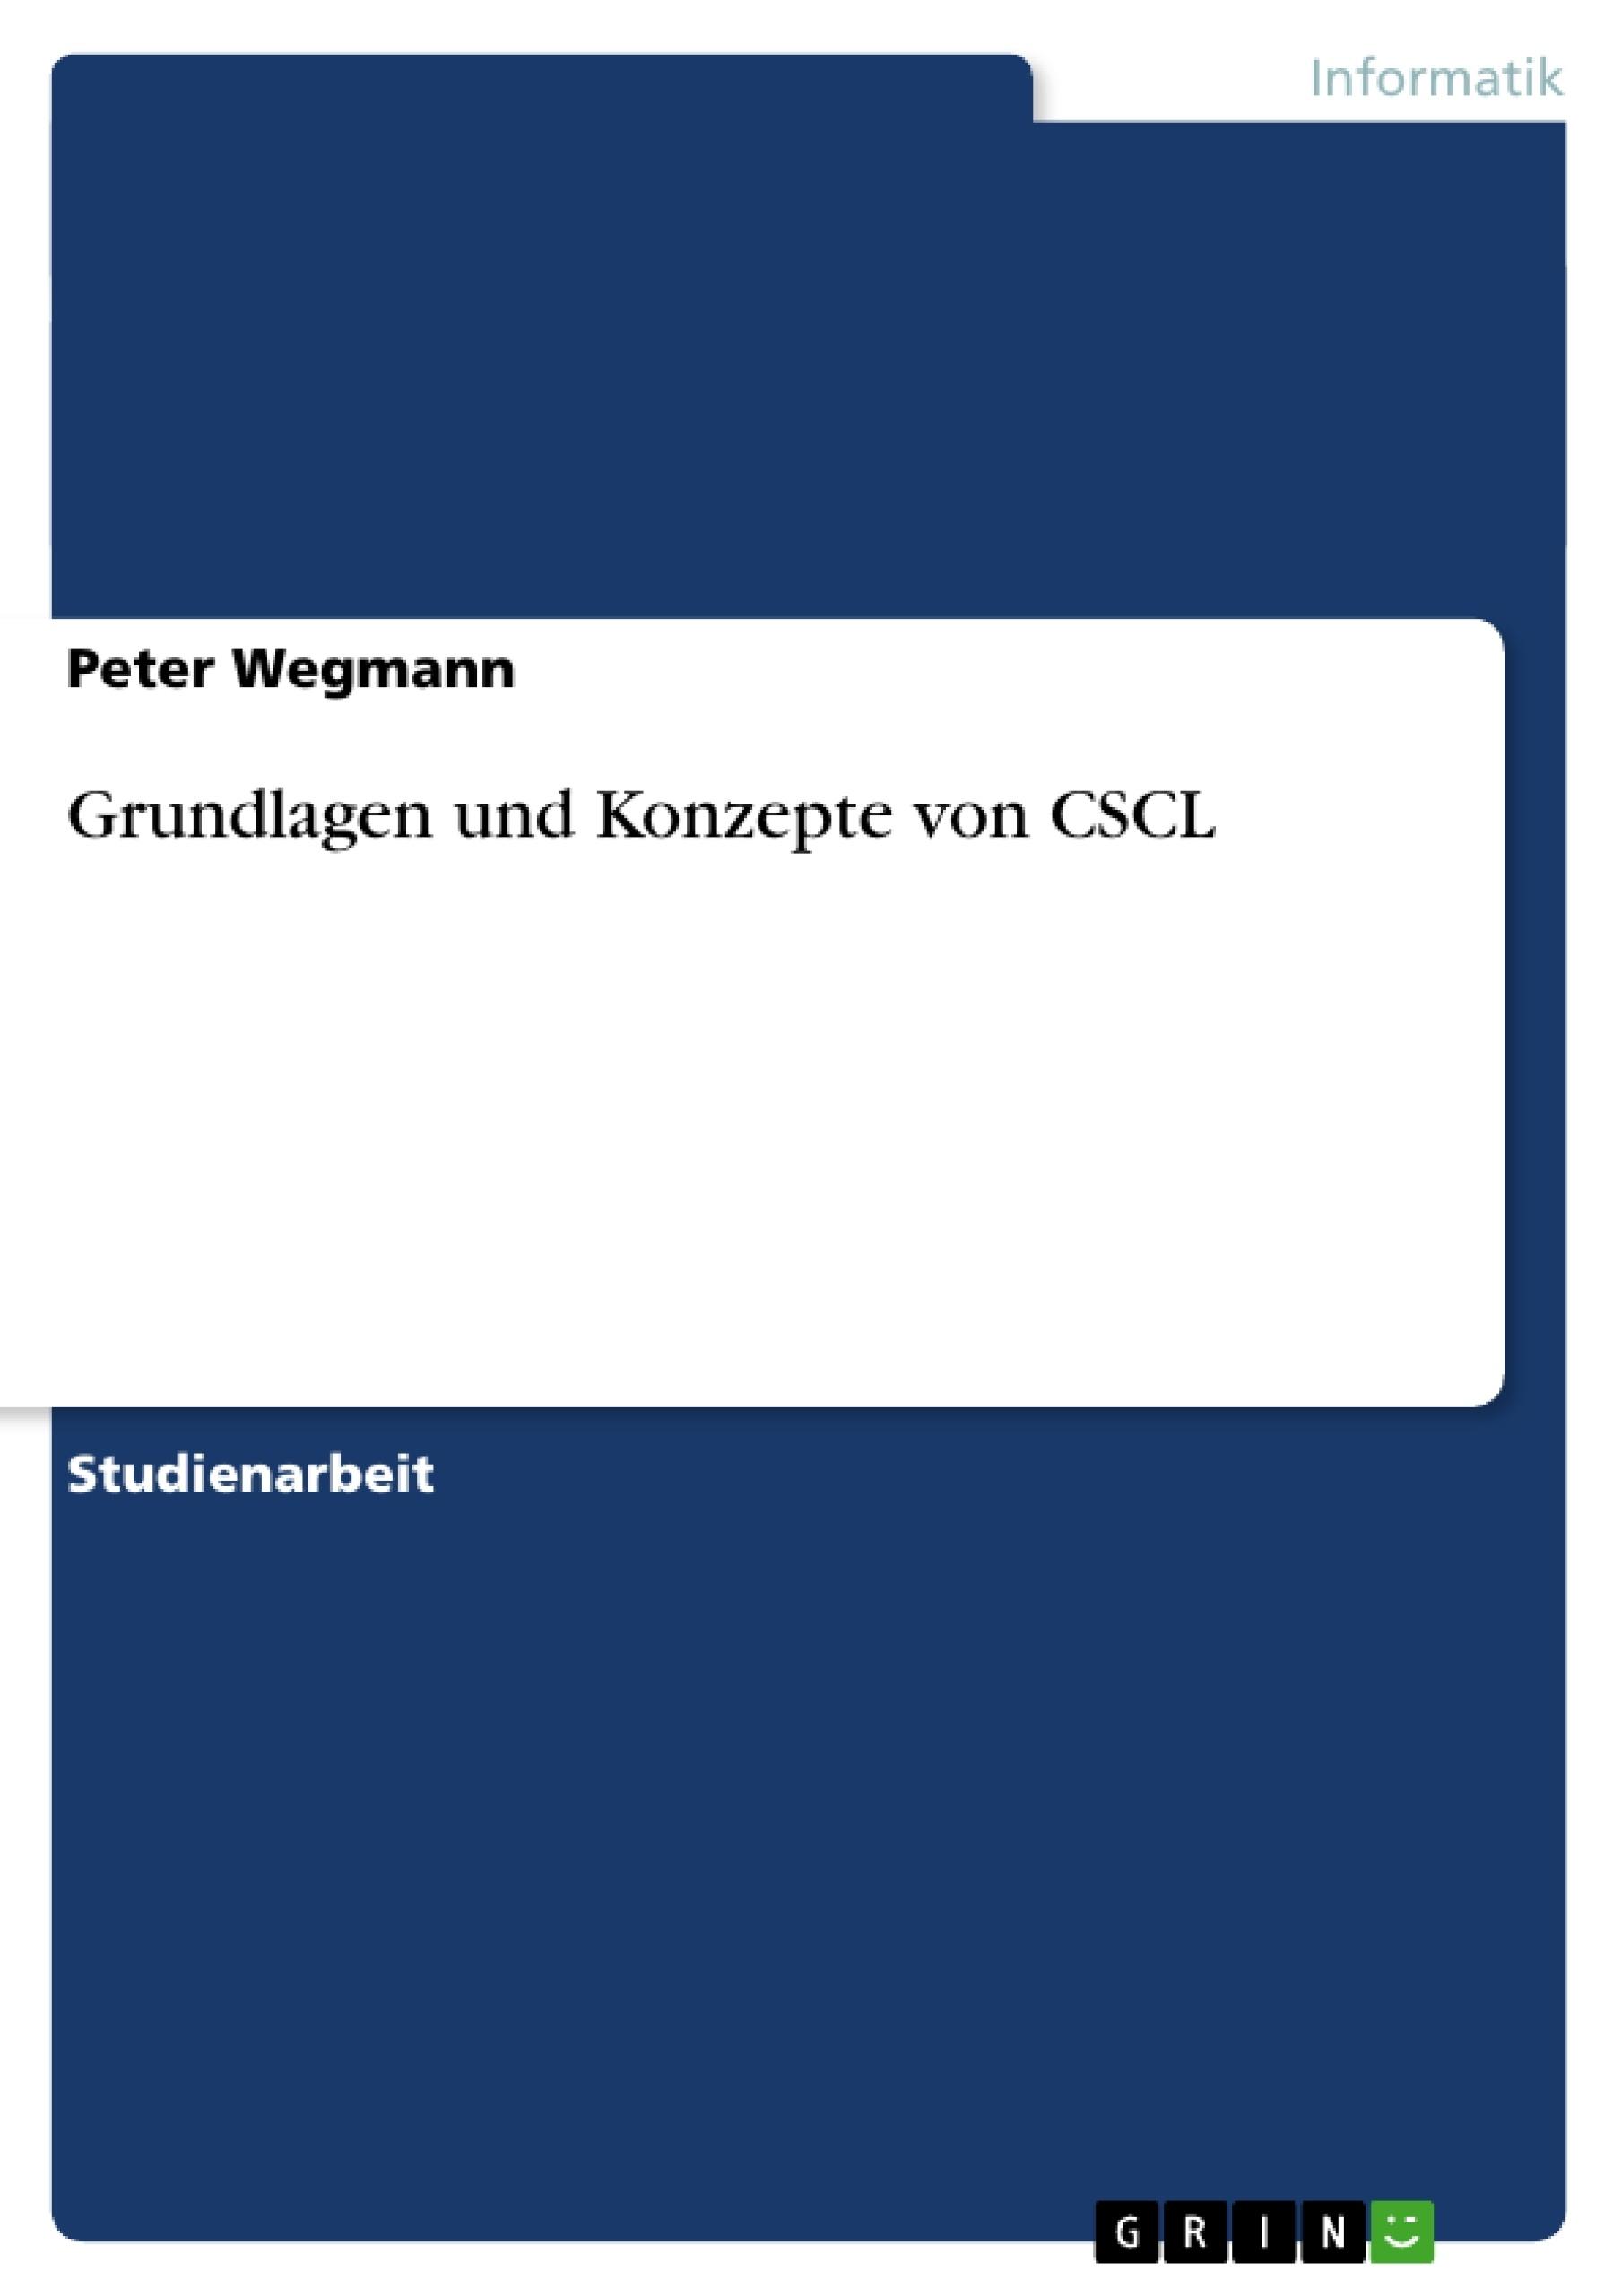 Titel: Grundlagen und Konzepte von CSCL